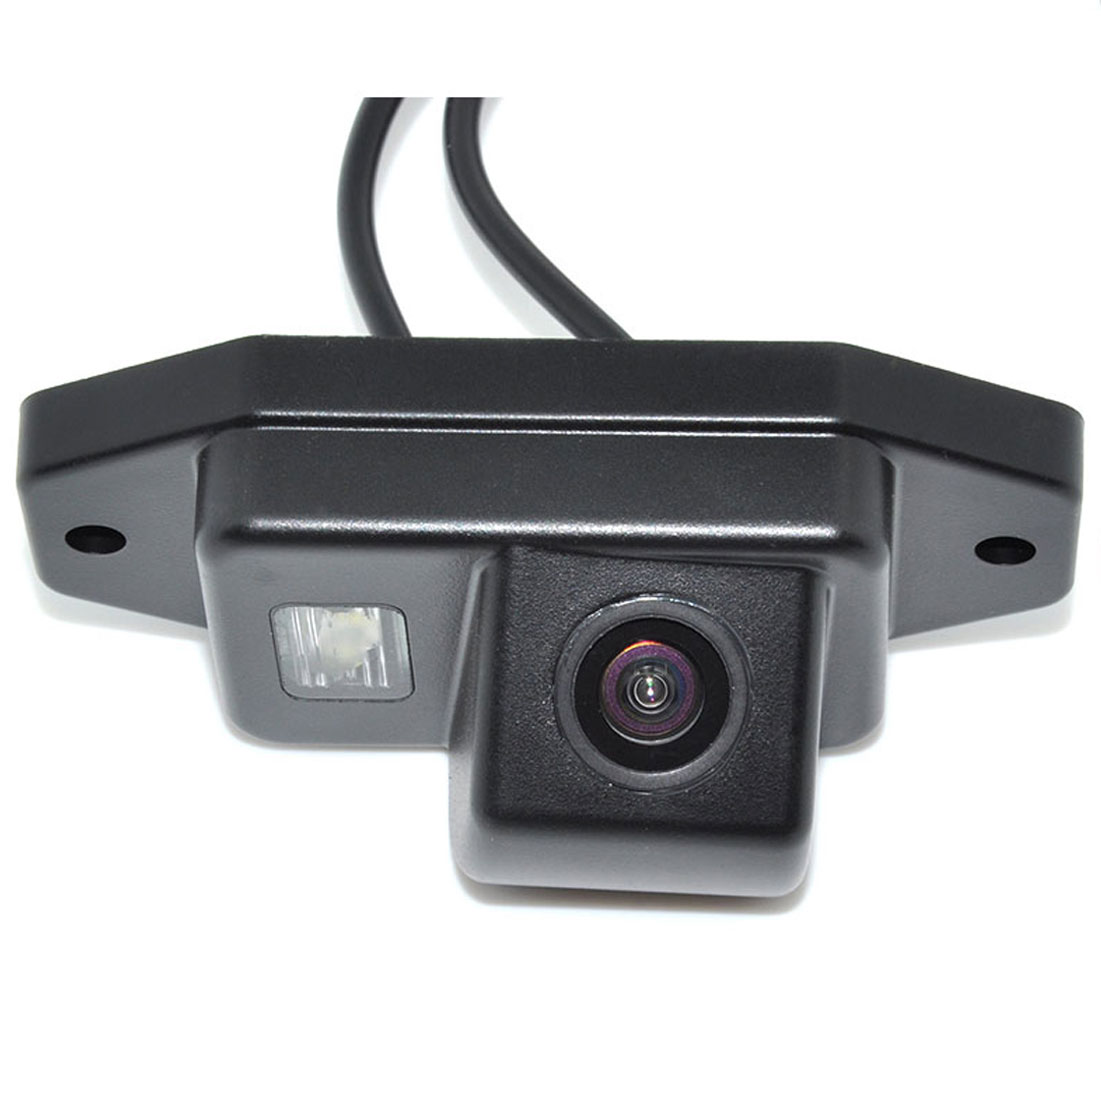 ∞HD CCD Car <b>rear</b> view camera backup camera for 2002-2009 ...